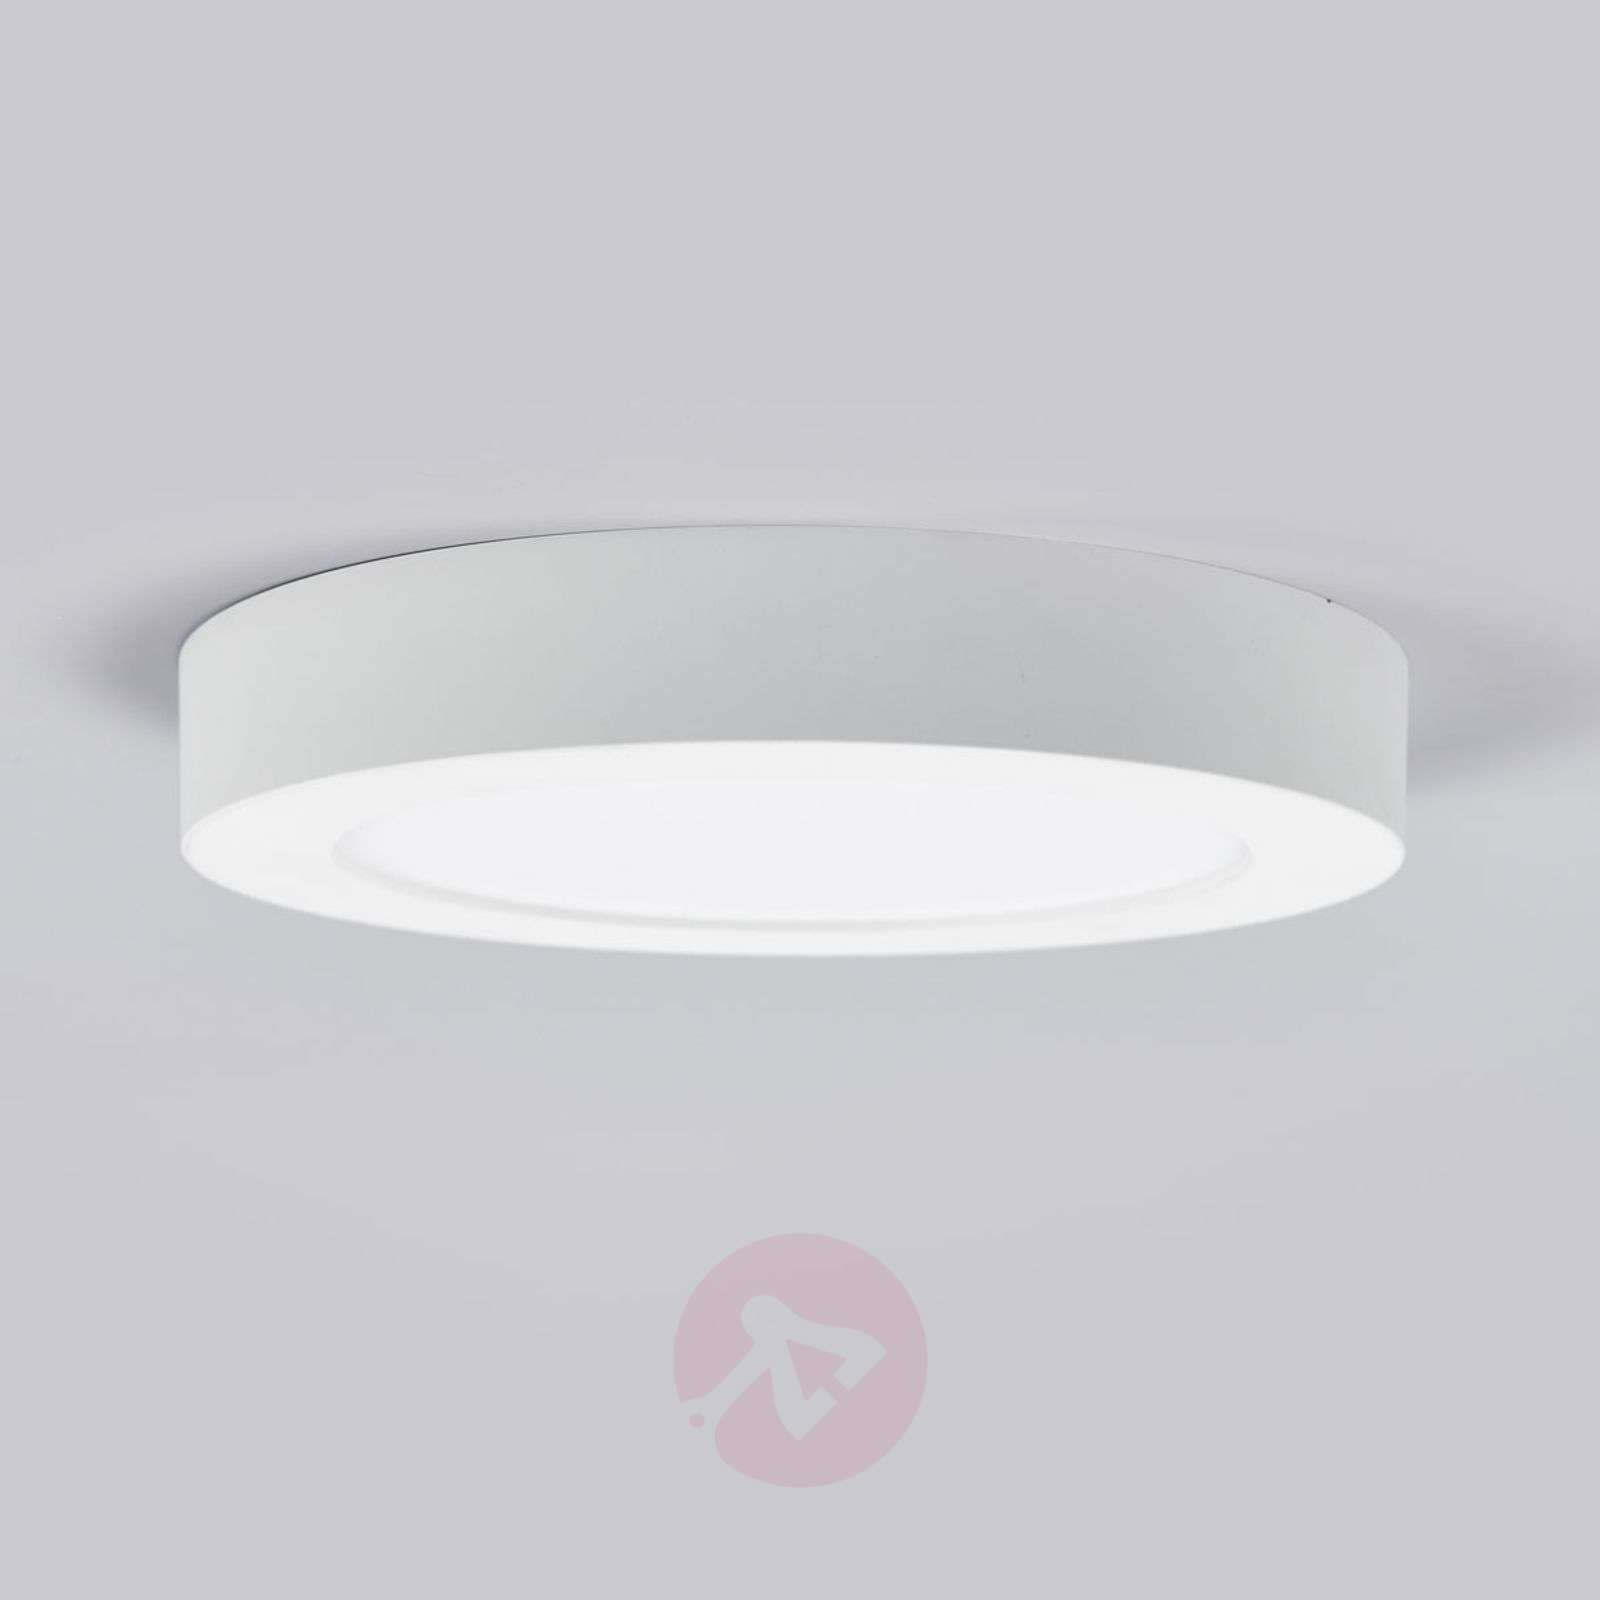 LED-kattovalo Marlo valkoinen 4000K pyöreä 25,2cm-9978065-02